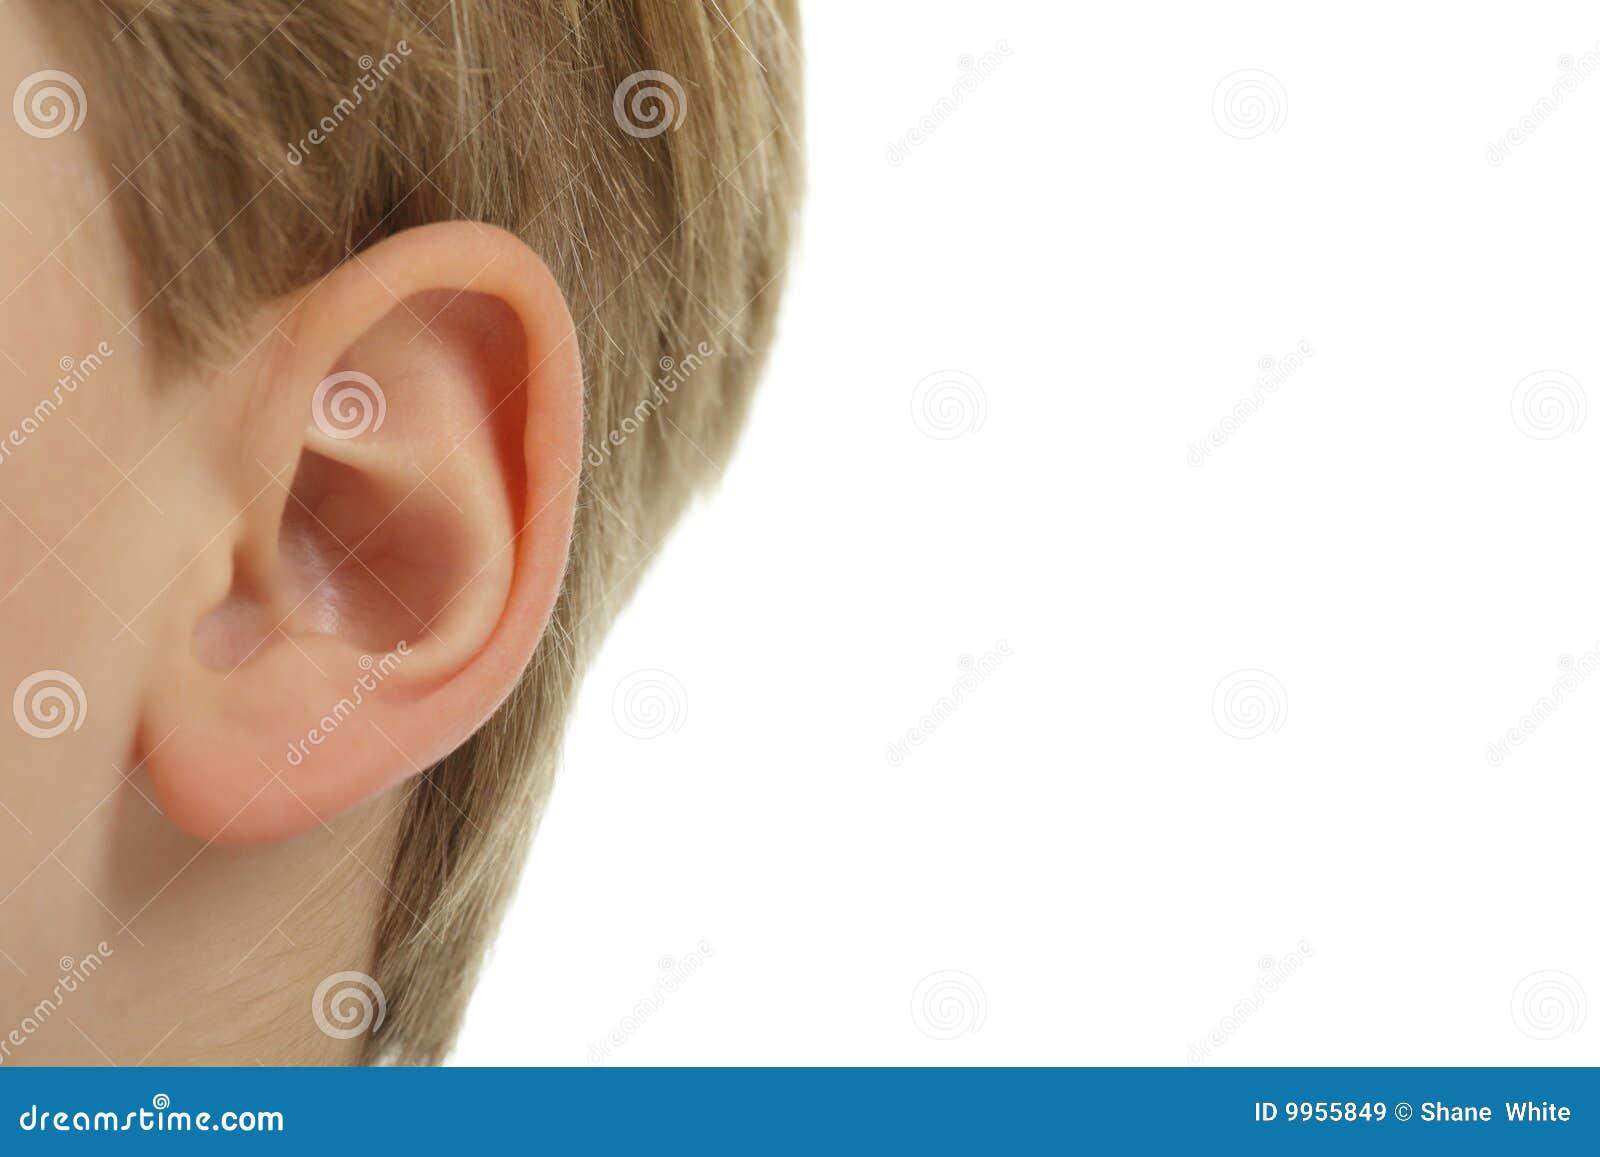 Das Ohr.